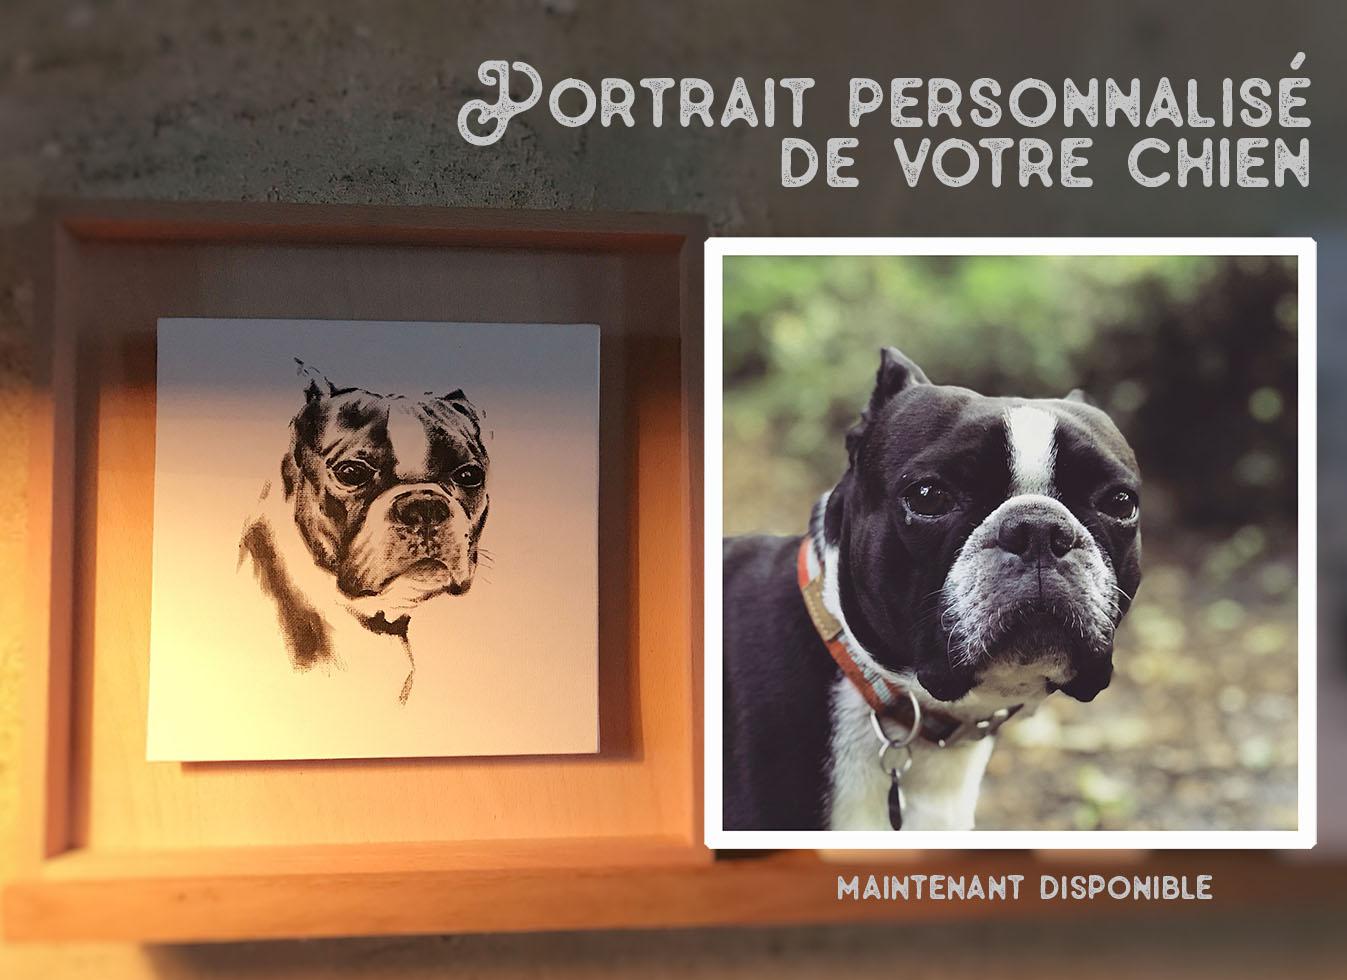 le parallèle entre un portrait dessiné et une photo du chien